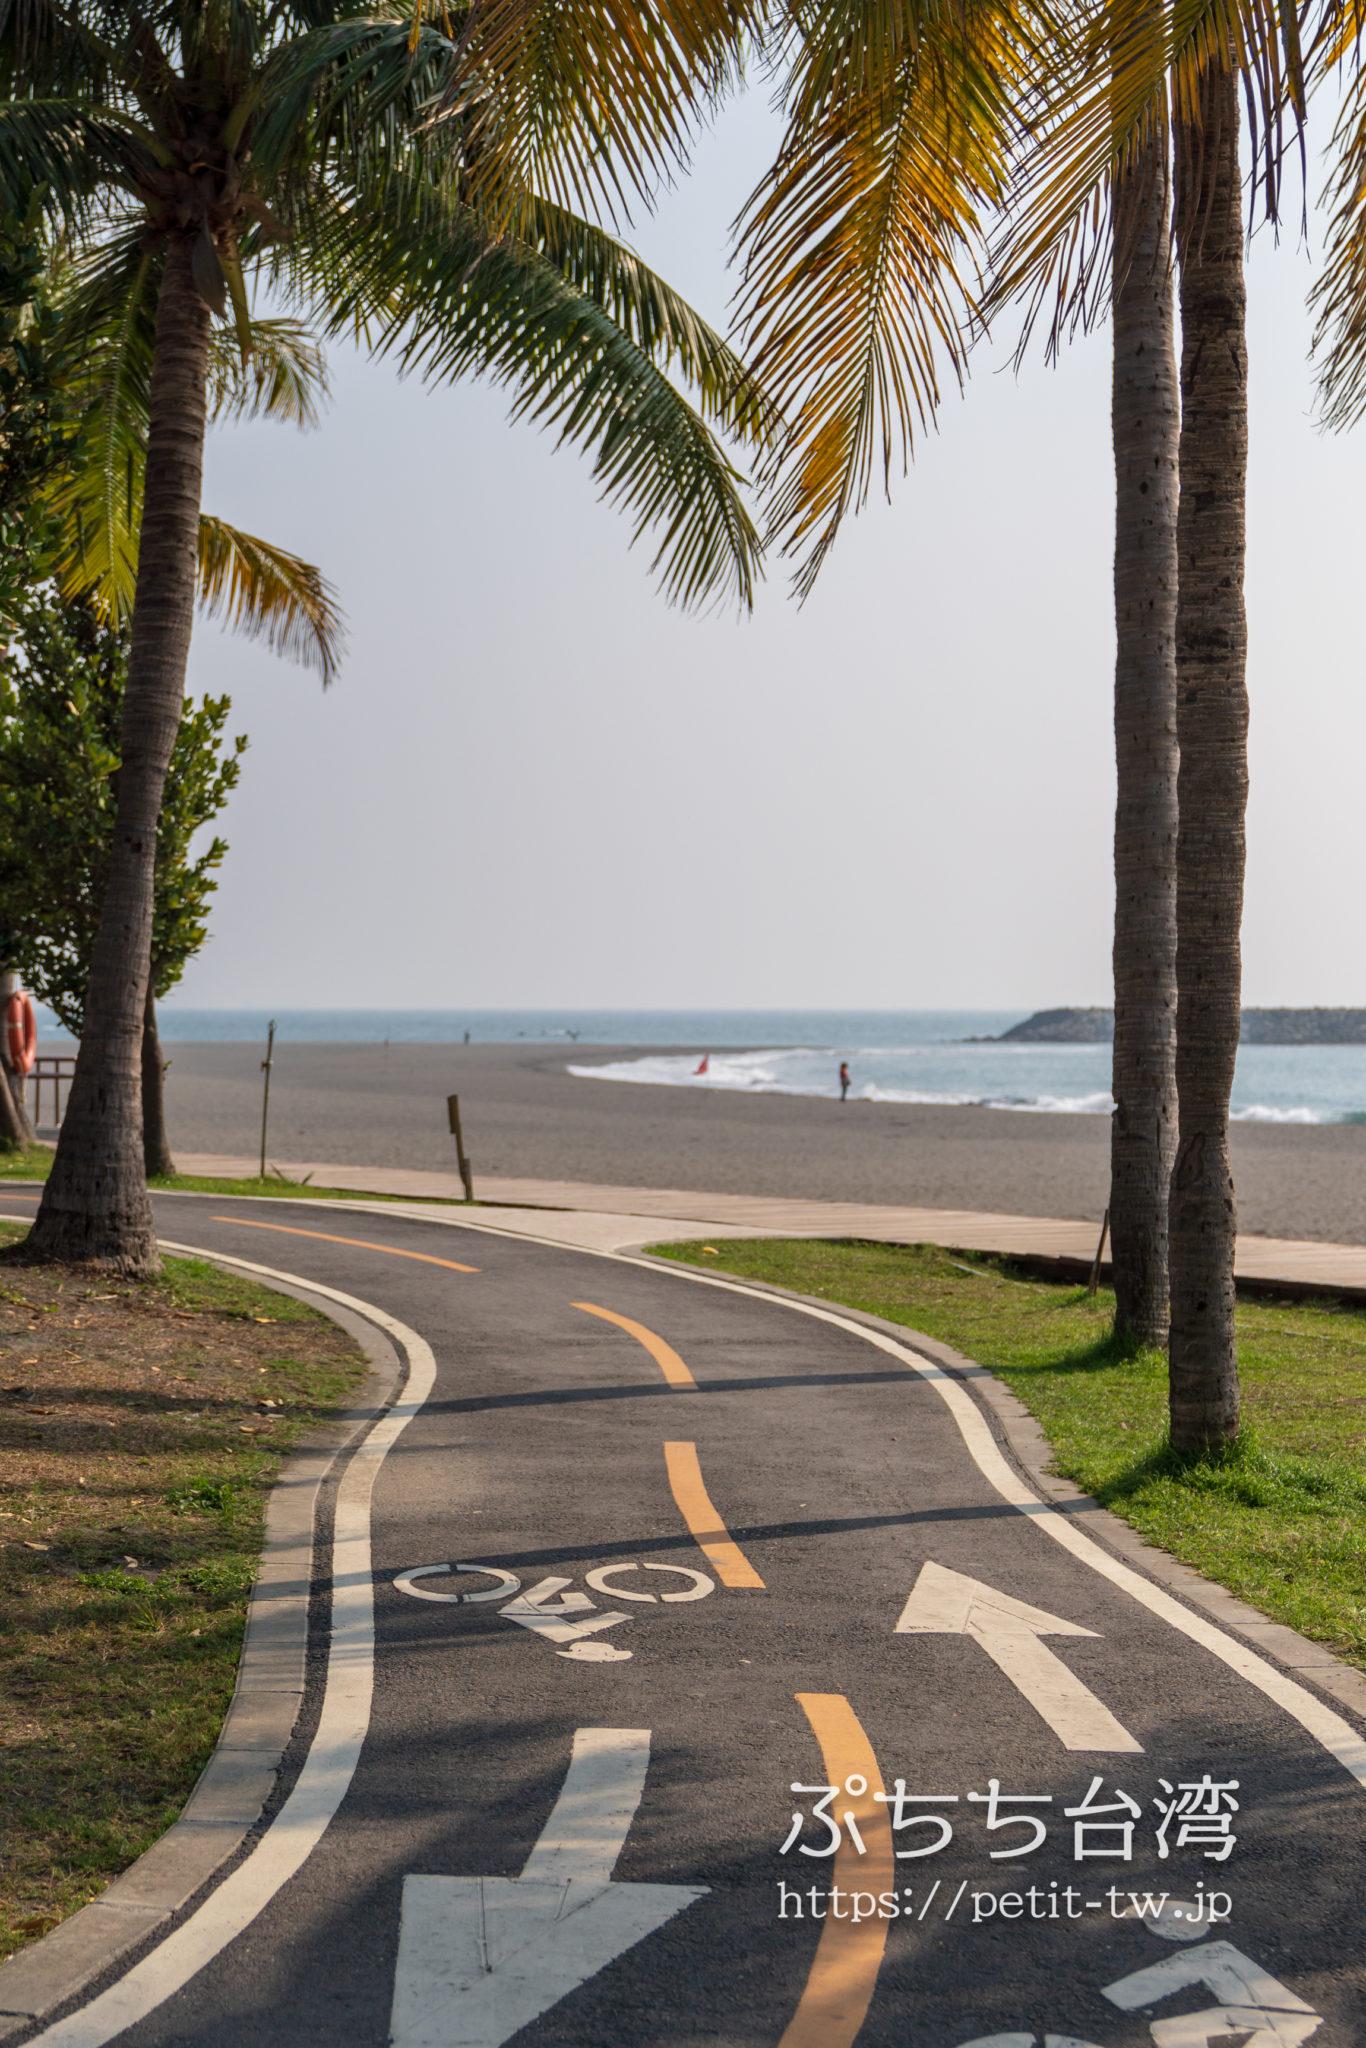 旗津半島の海沿いのサイクリングロード